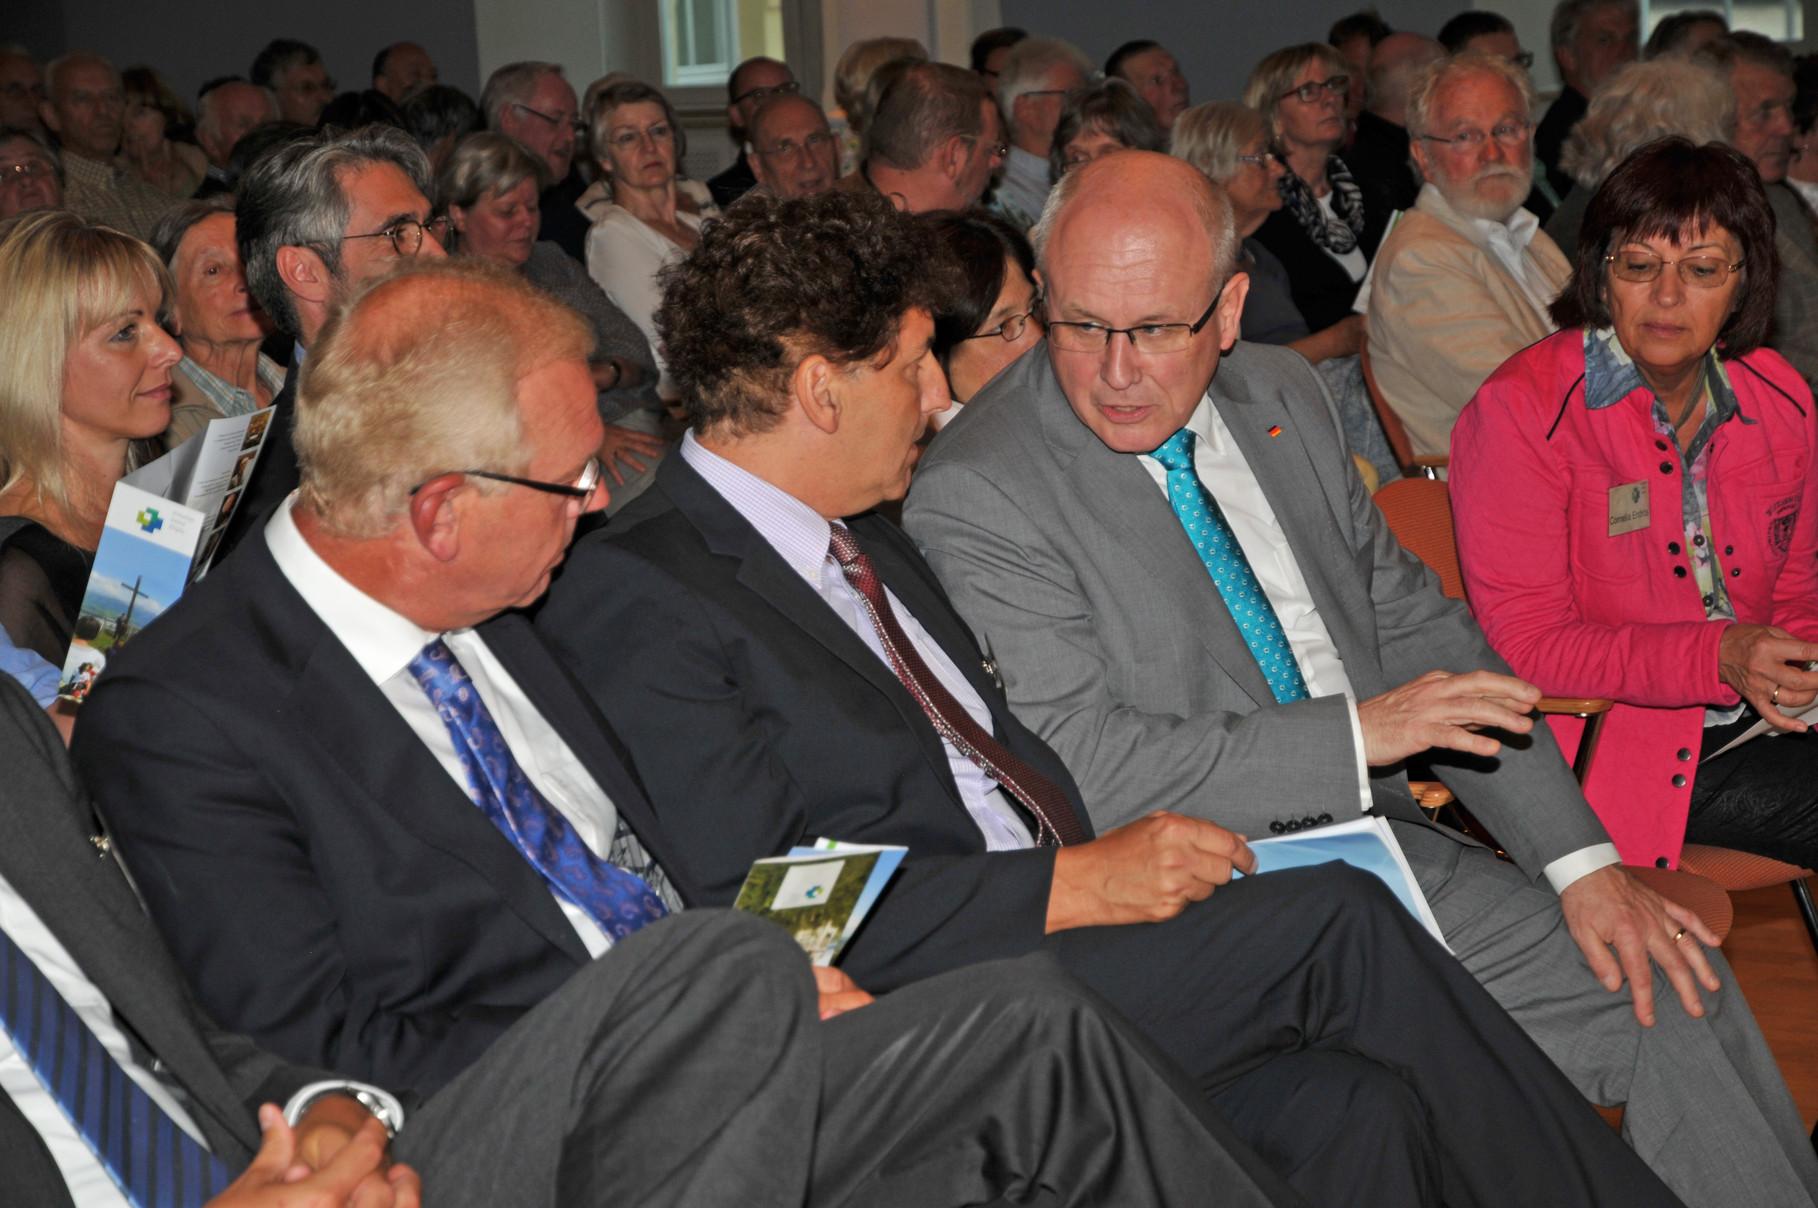 (von li.) CSU Vorsitzender Thomas Kreuzer, Stefan Vatter, Volker Kauder